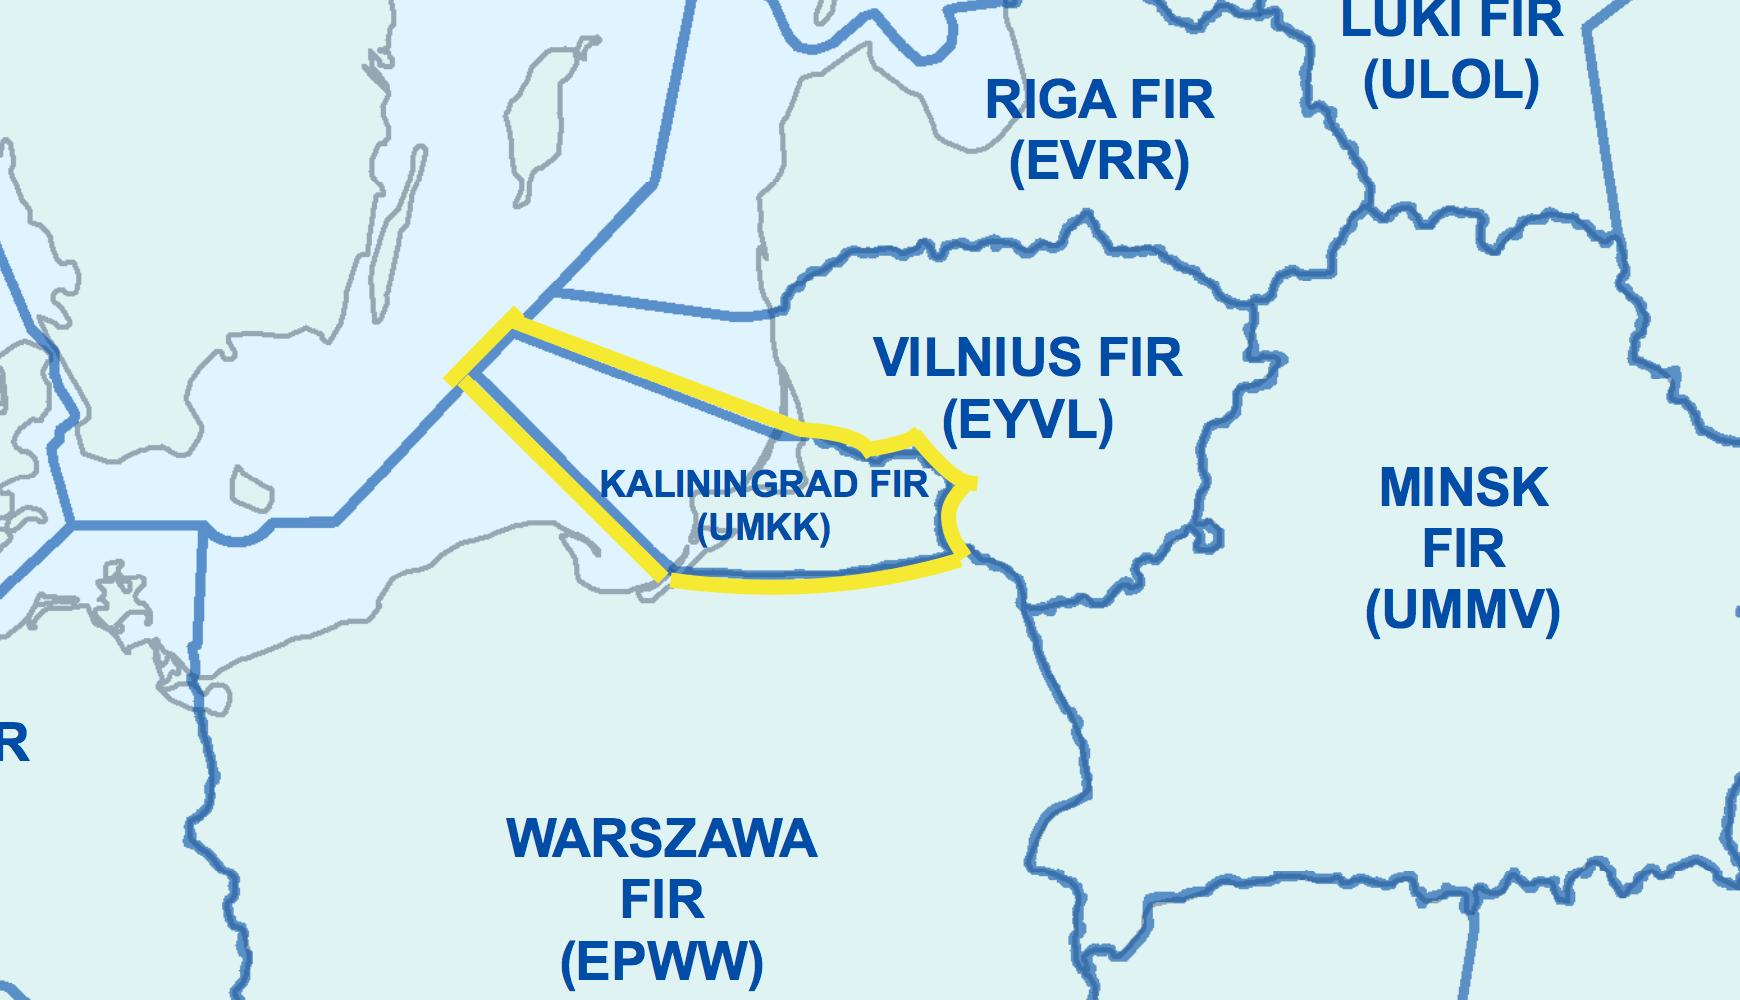 Kaliningrad FIR Map